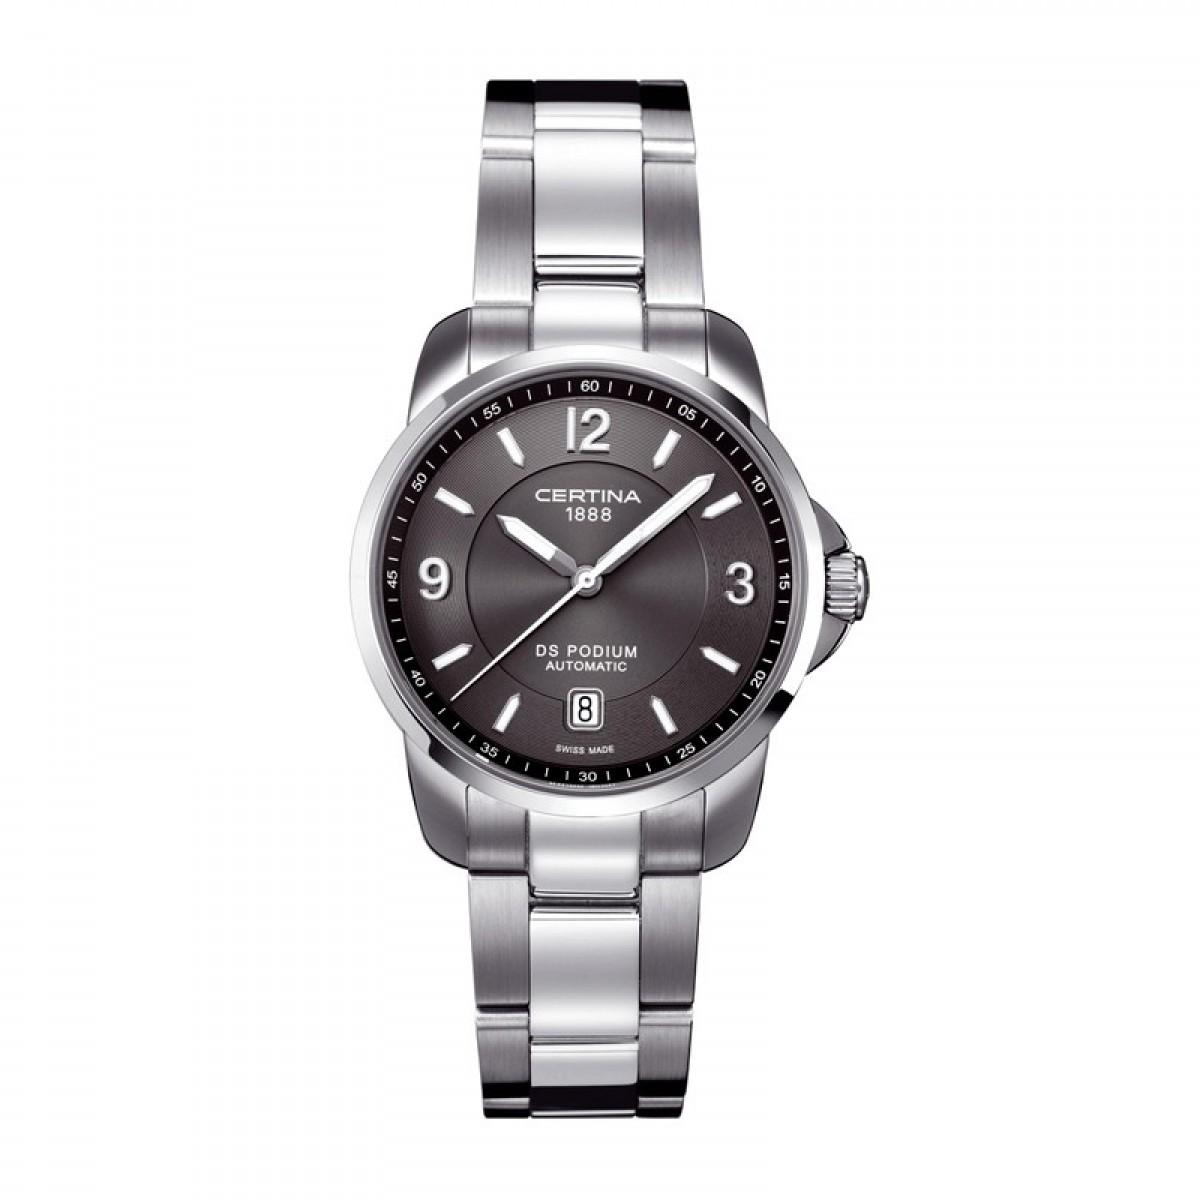 Часовник Certina C001.407.11.087.00